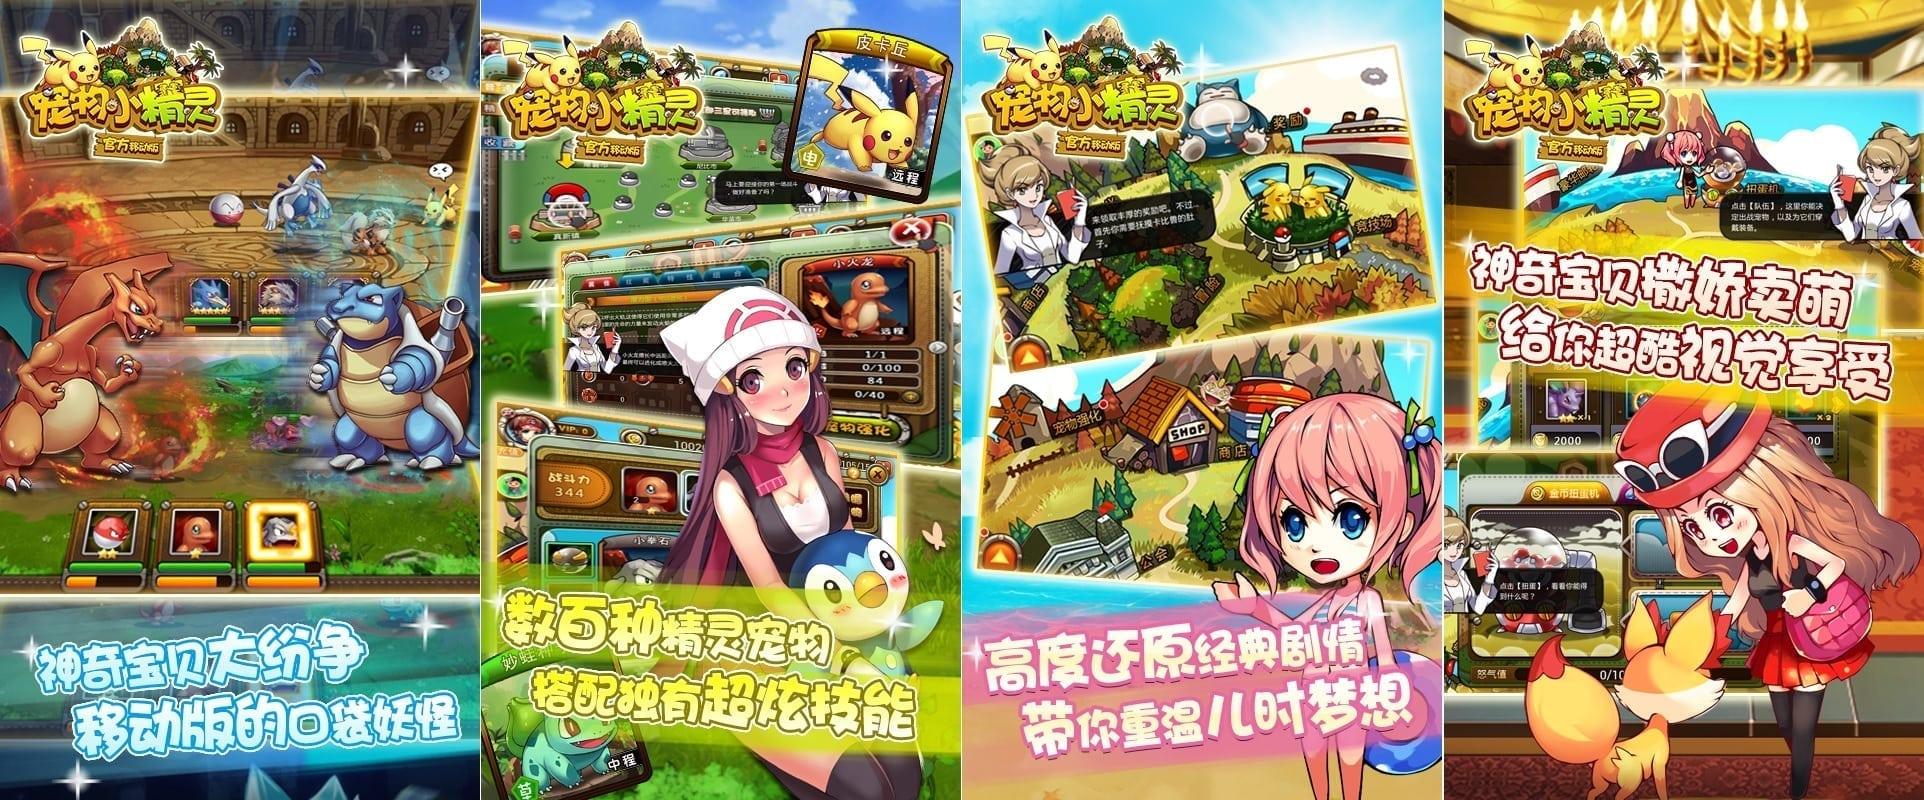 Pokemon China image